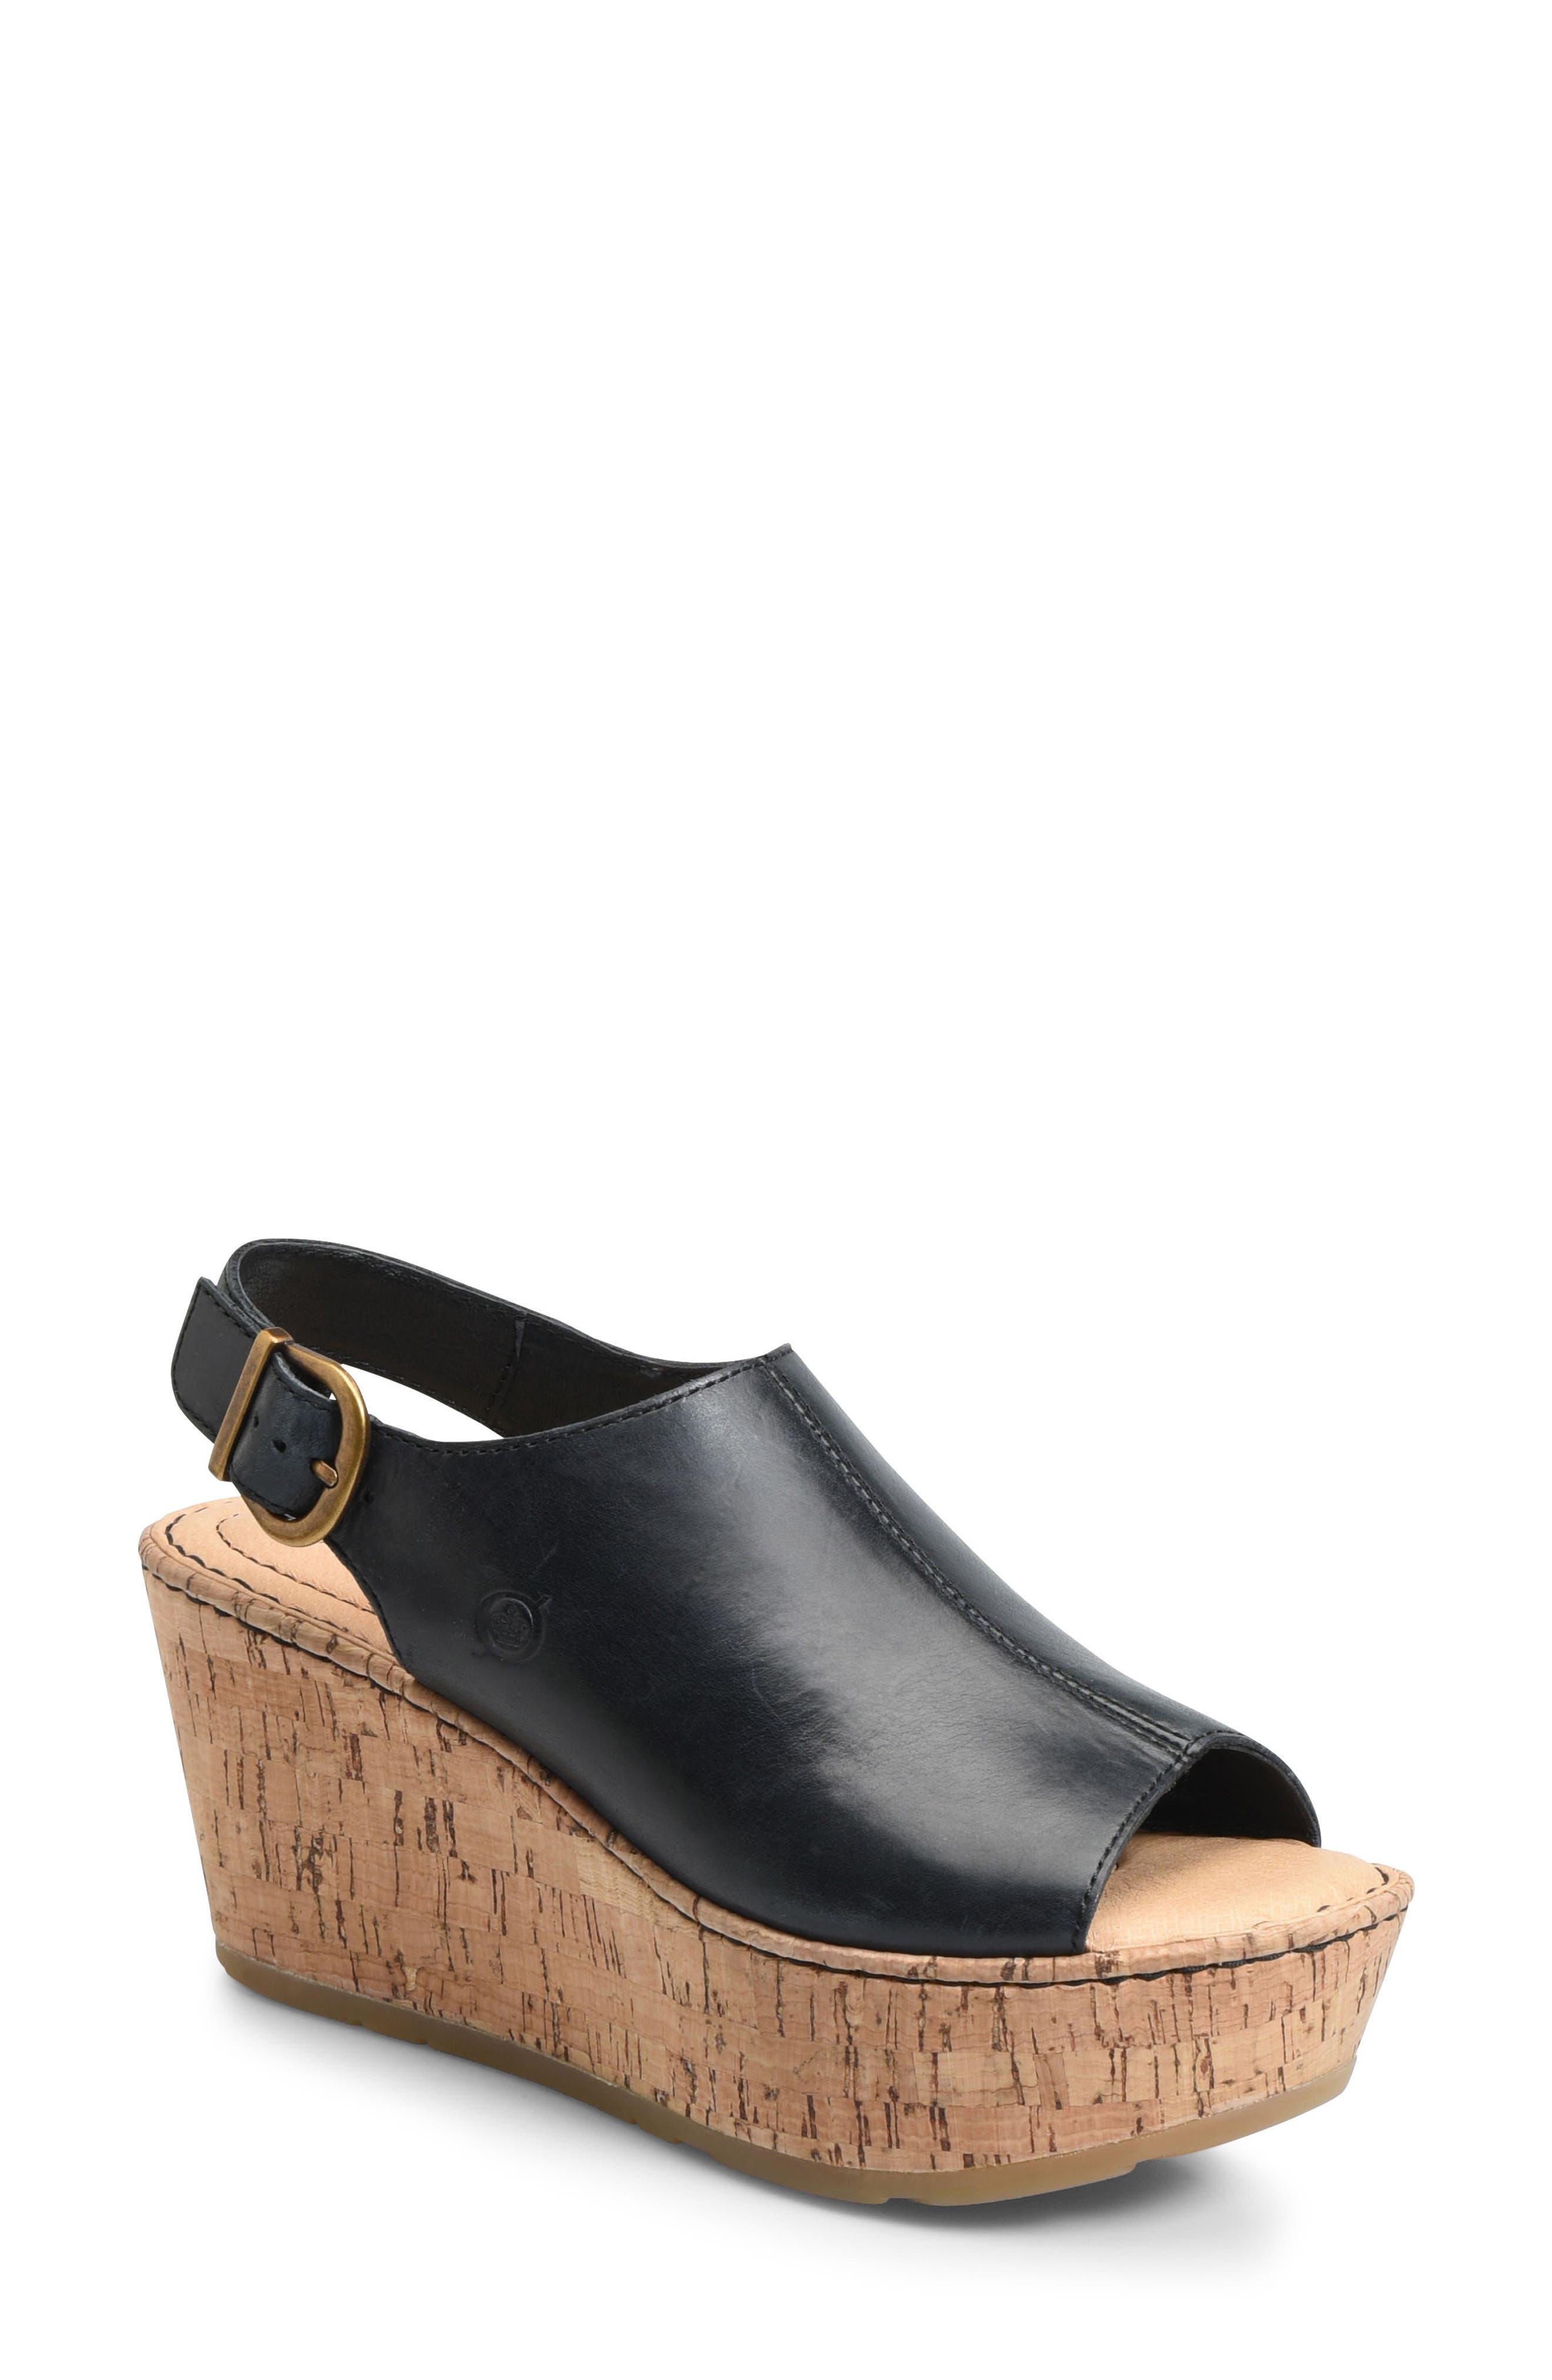 Orbit Platform Wedge Sandal,                         Main,                         color, Black Leather